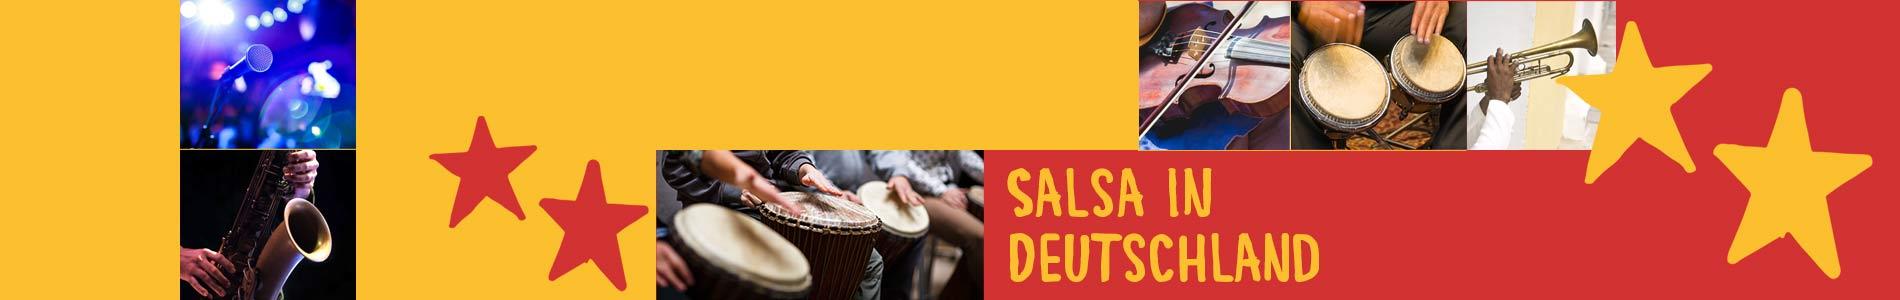 Salsa in Dettingen unter Teck – Salsa lernen und tanzen, Tanzkurse, Partys, Veranstaltungen